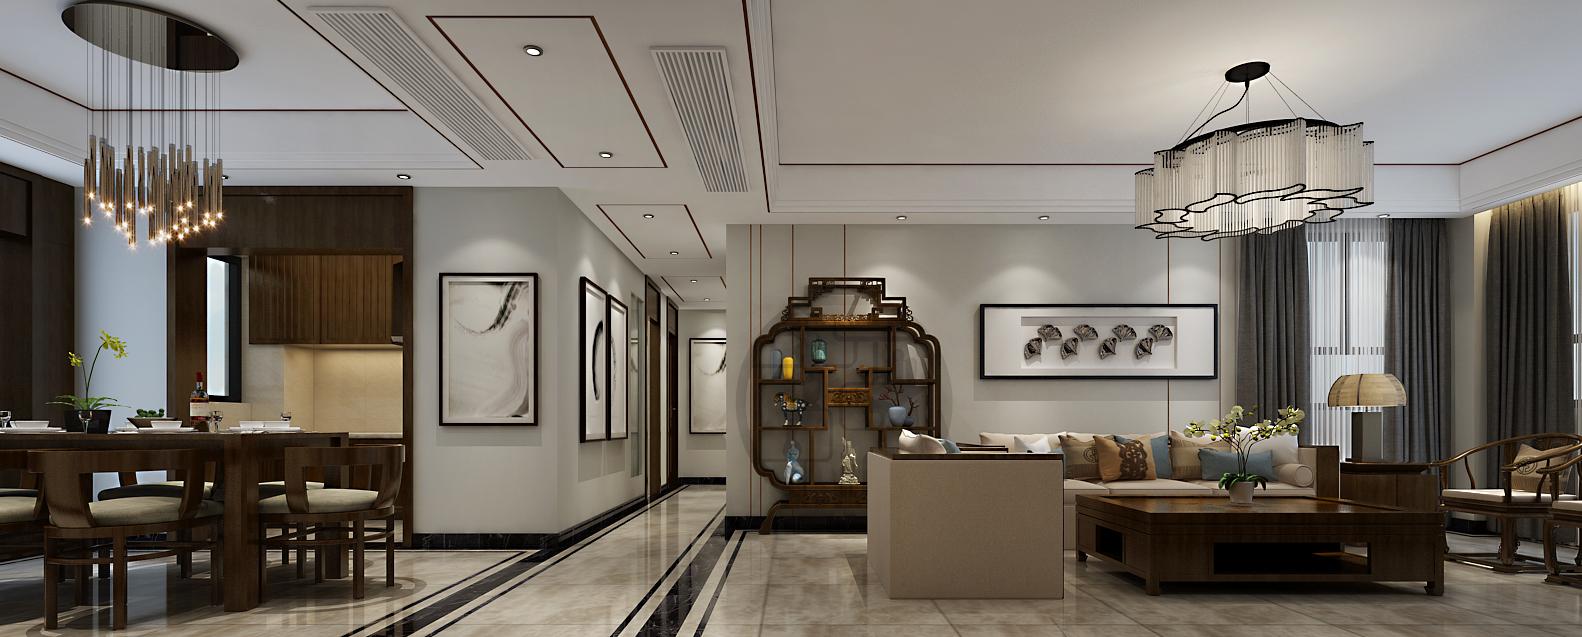 郑州天地湾420平方别墅新中式风格装修效果图